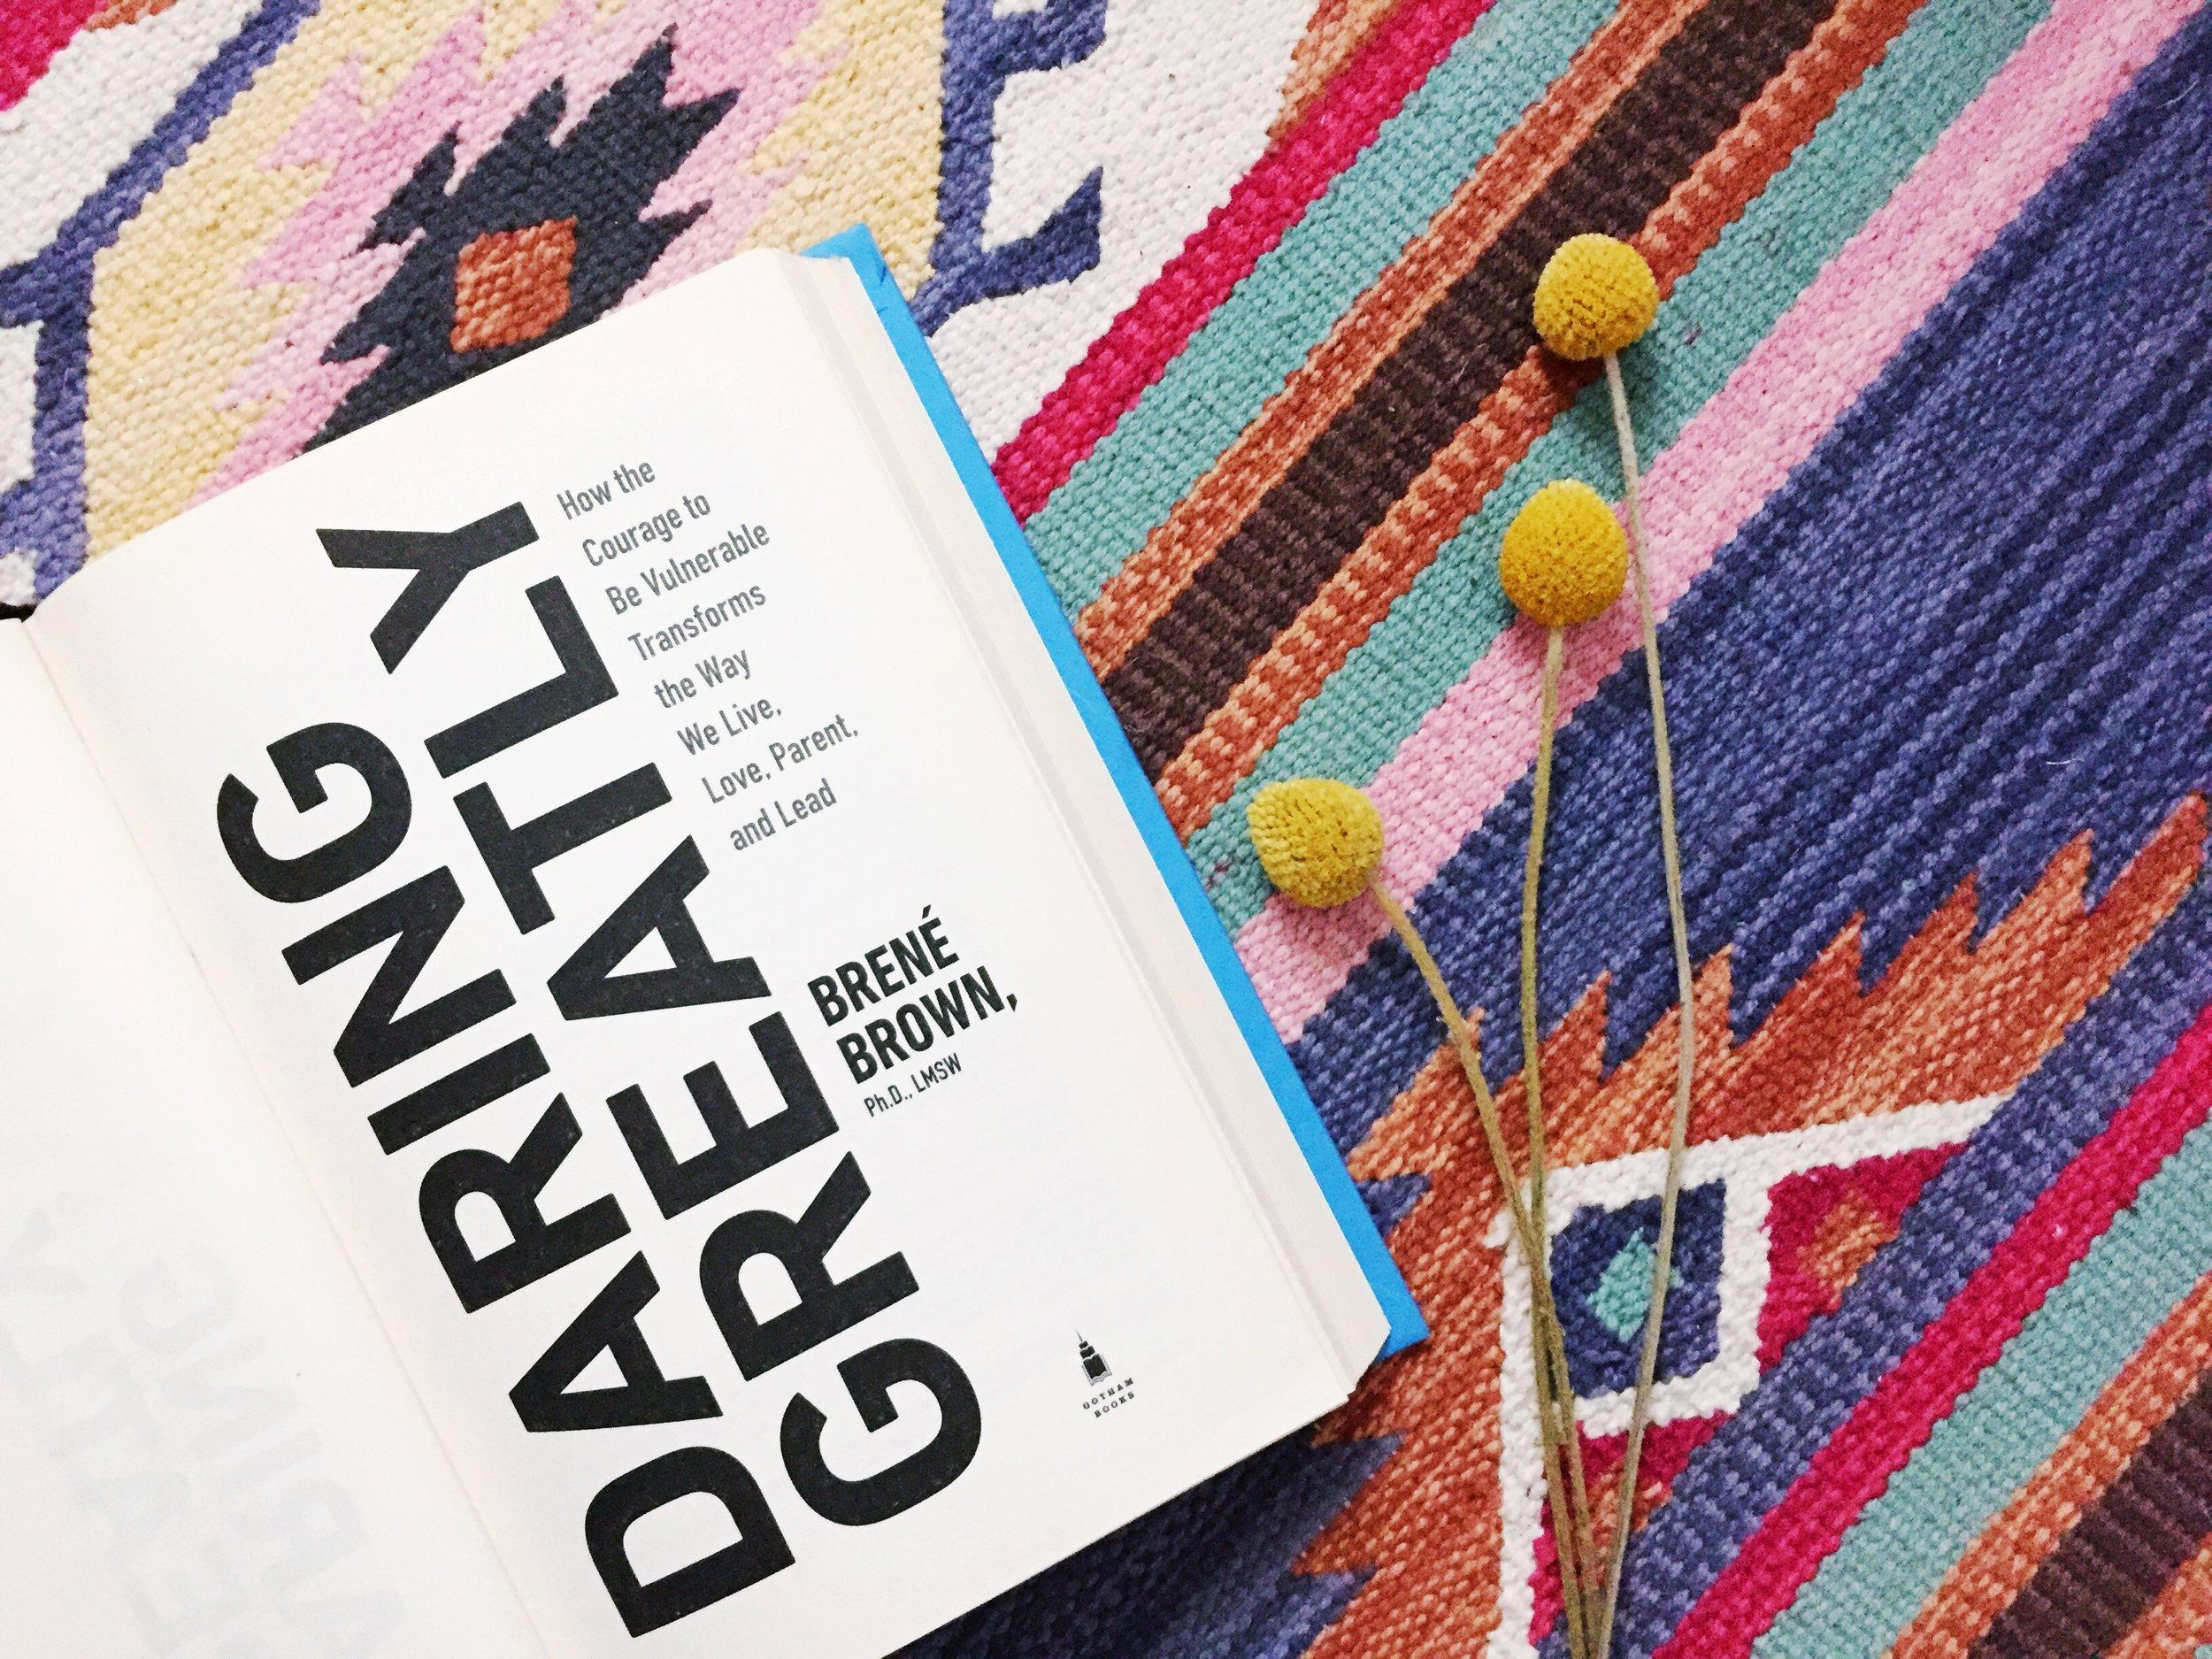 Paper Craft Pantry ATX Book Club Daring Greatl